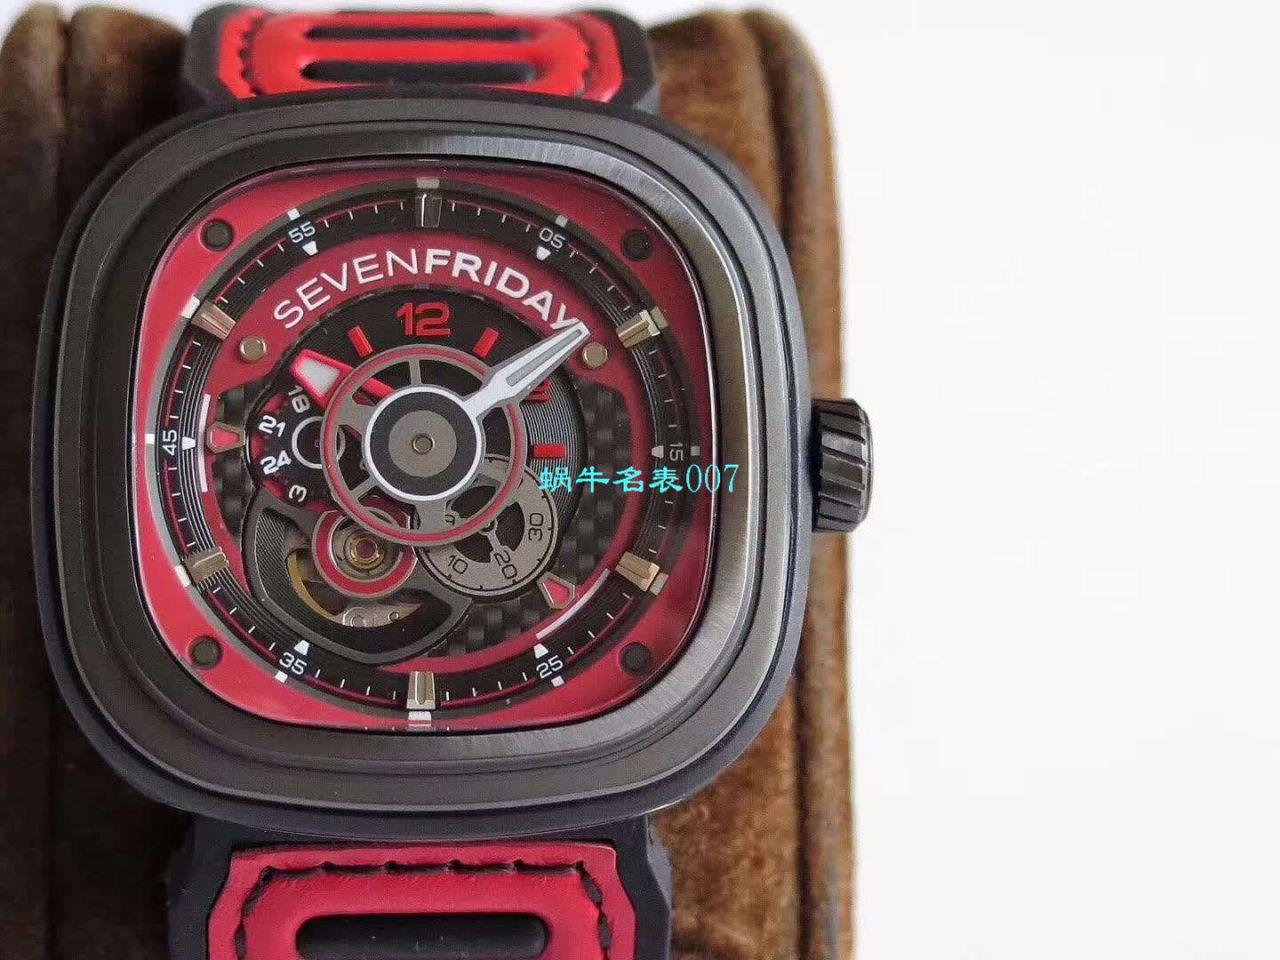 【视频评测SV厂超A高仿手表】七个星期五Seven friday P3B/06 - A490腕表